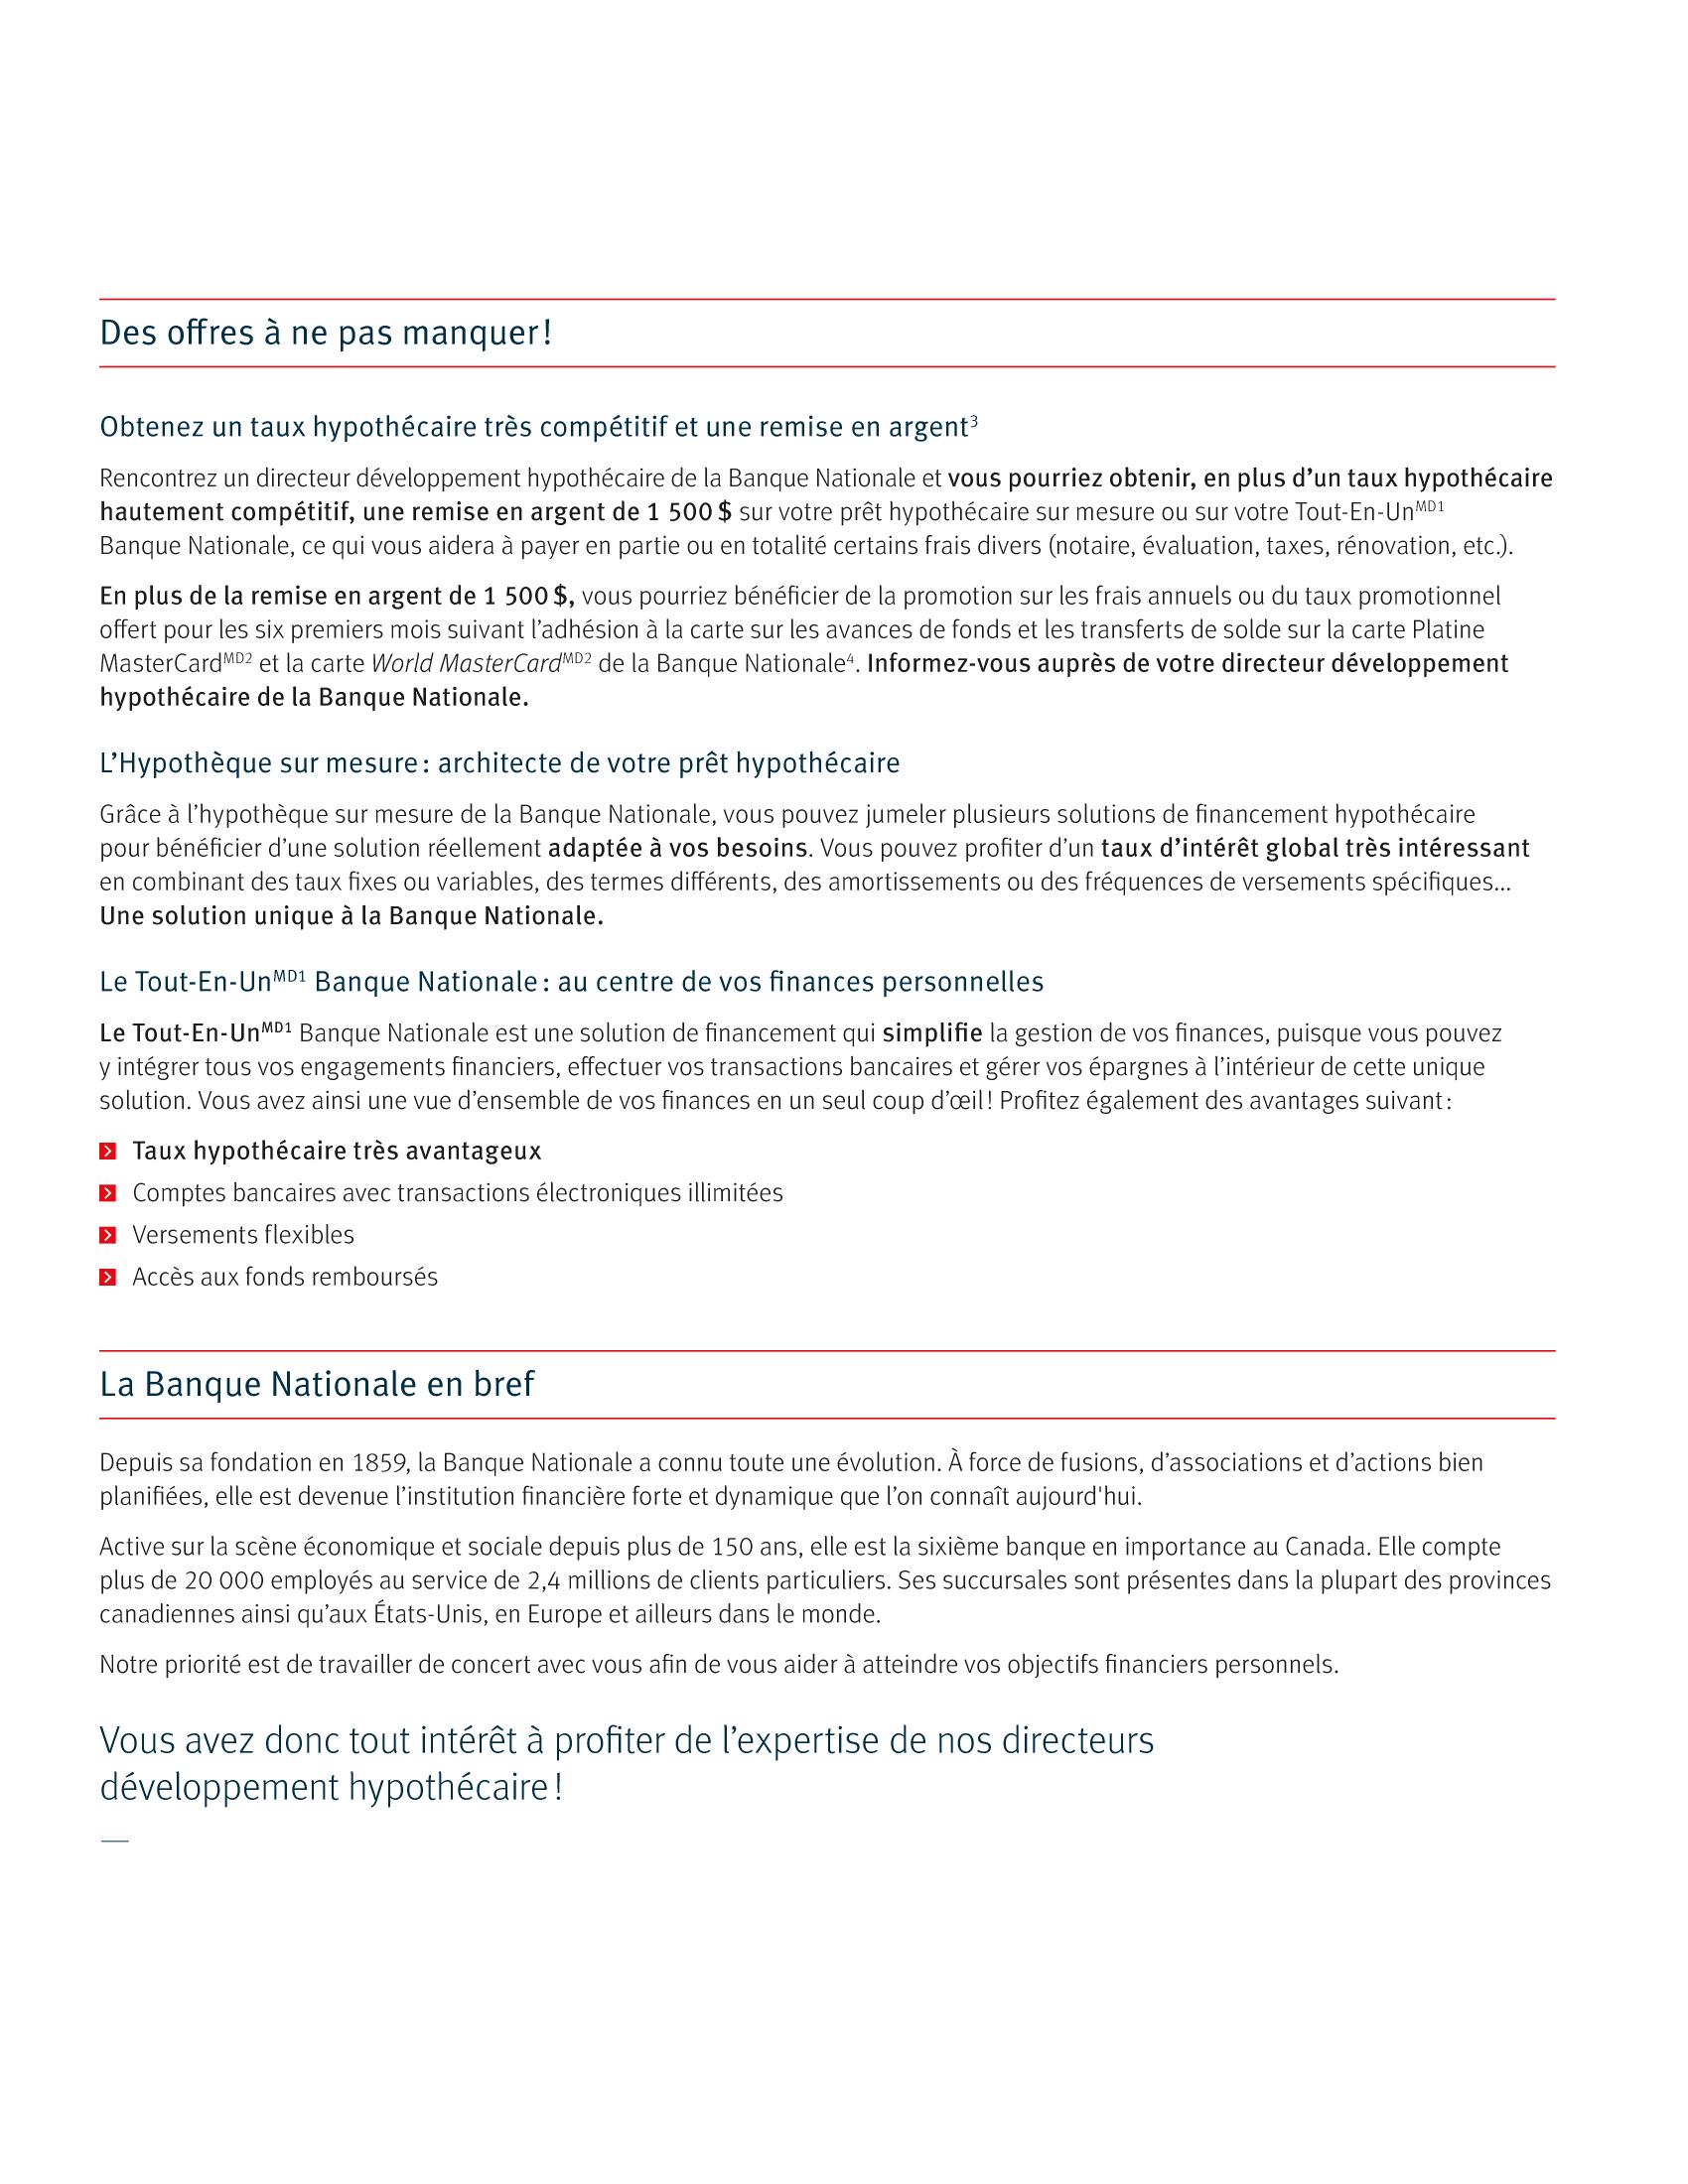 3 | Dépliant « Un partenariat riche en avantages » - Constructeur